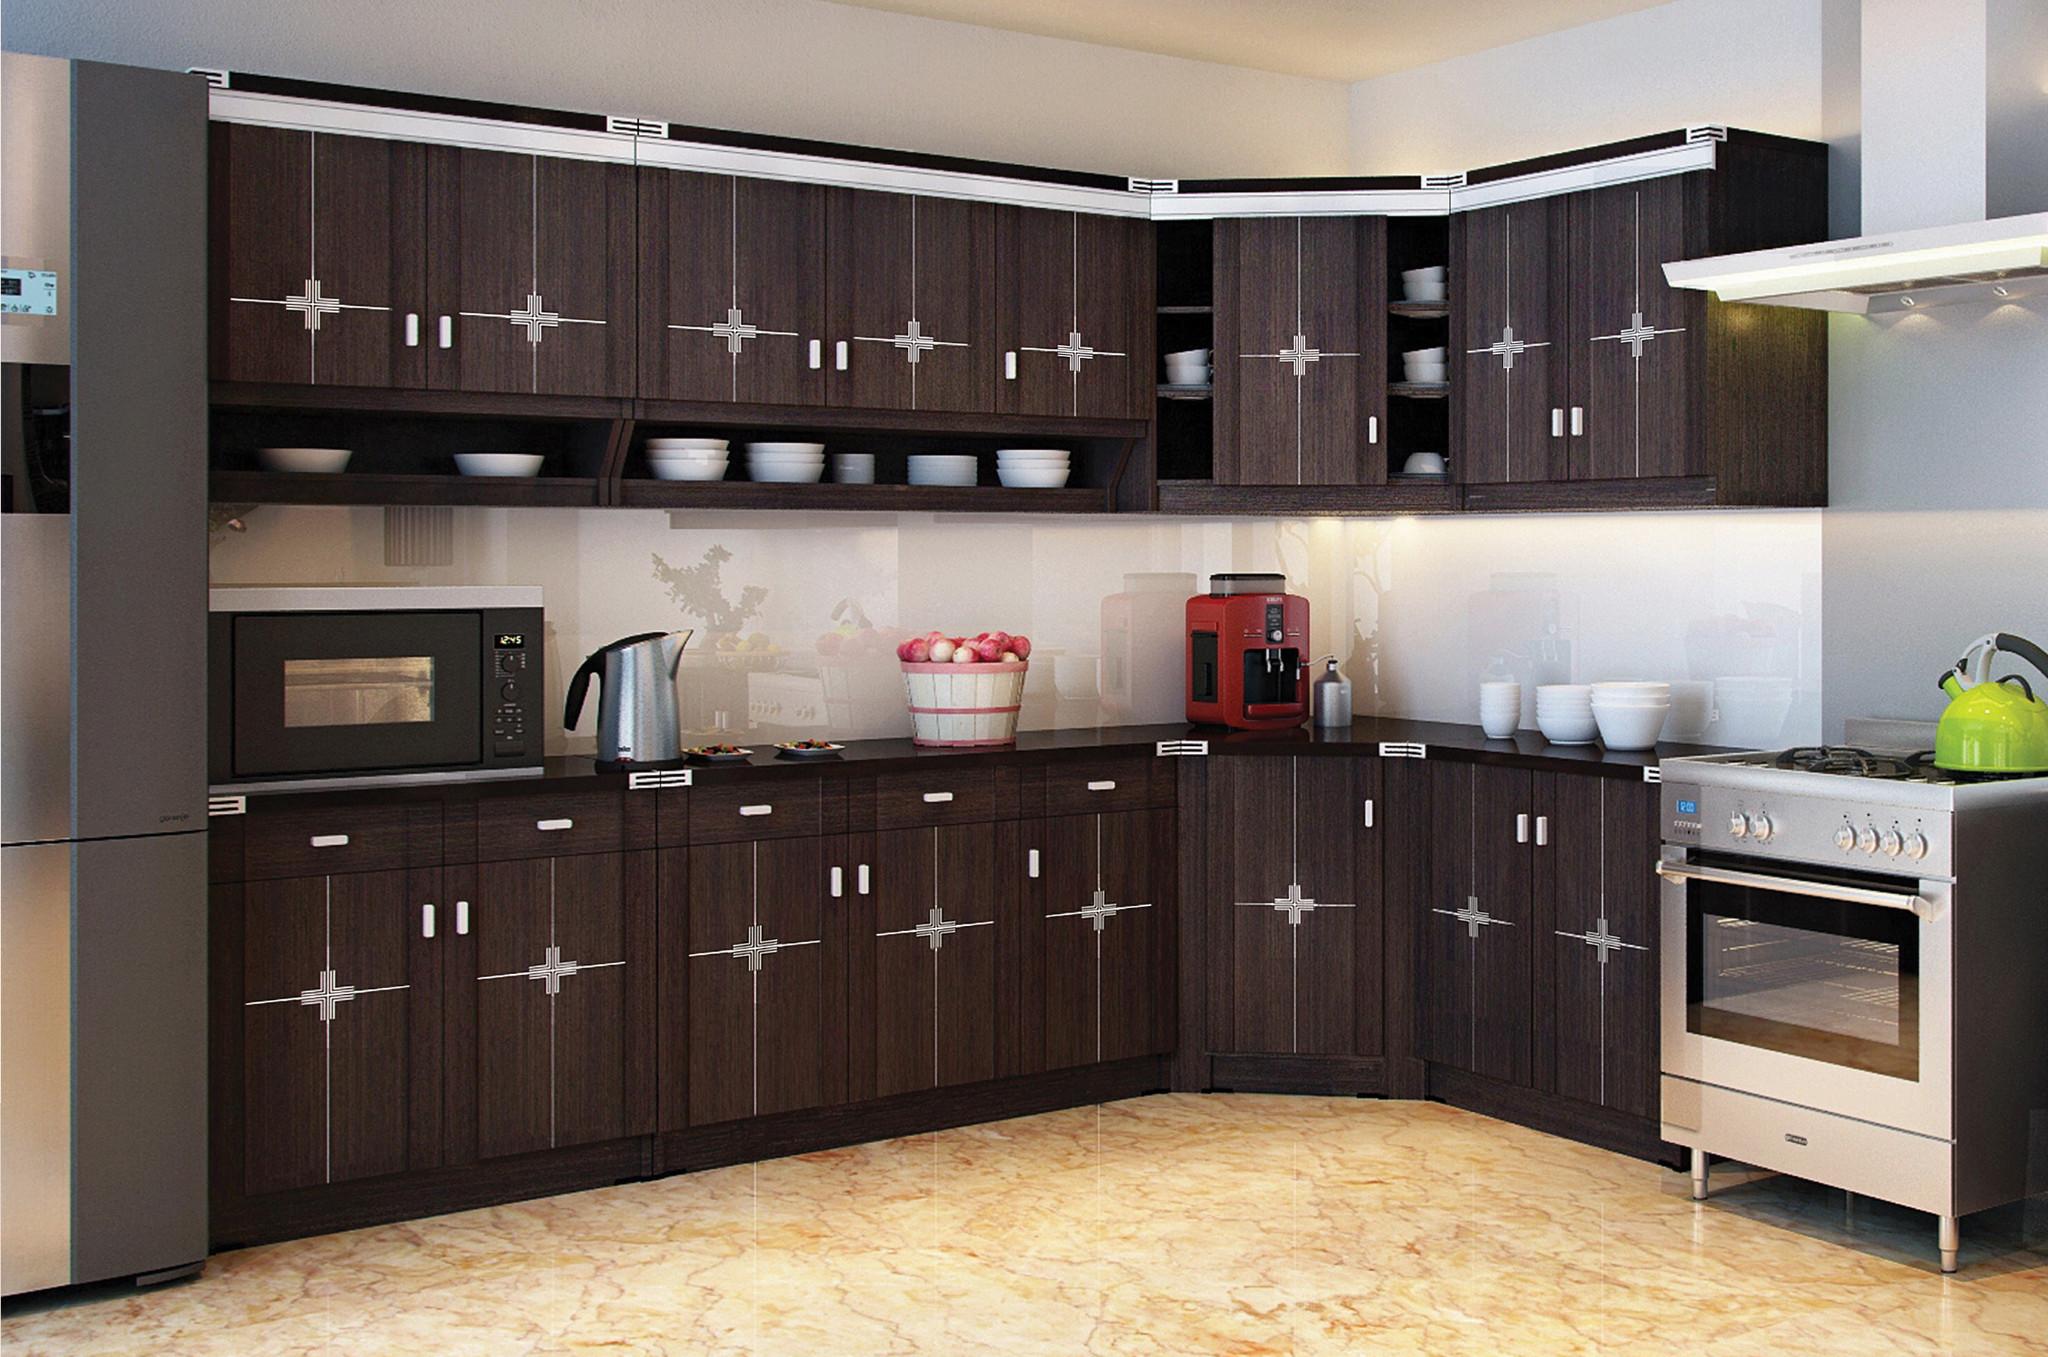 Harga kitchen set lemari dapur 3 meter di jakarta barat for Harga kitchen set per meter lari